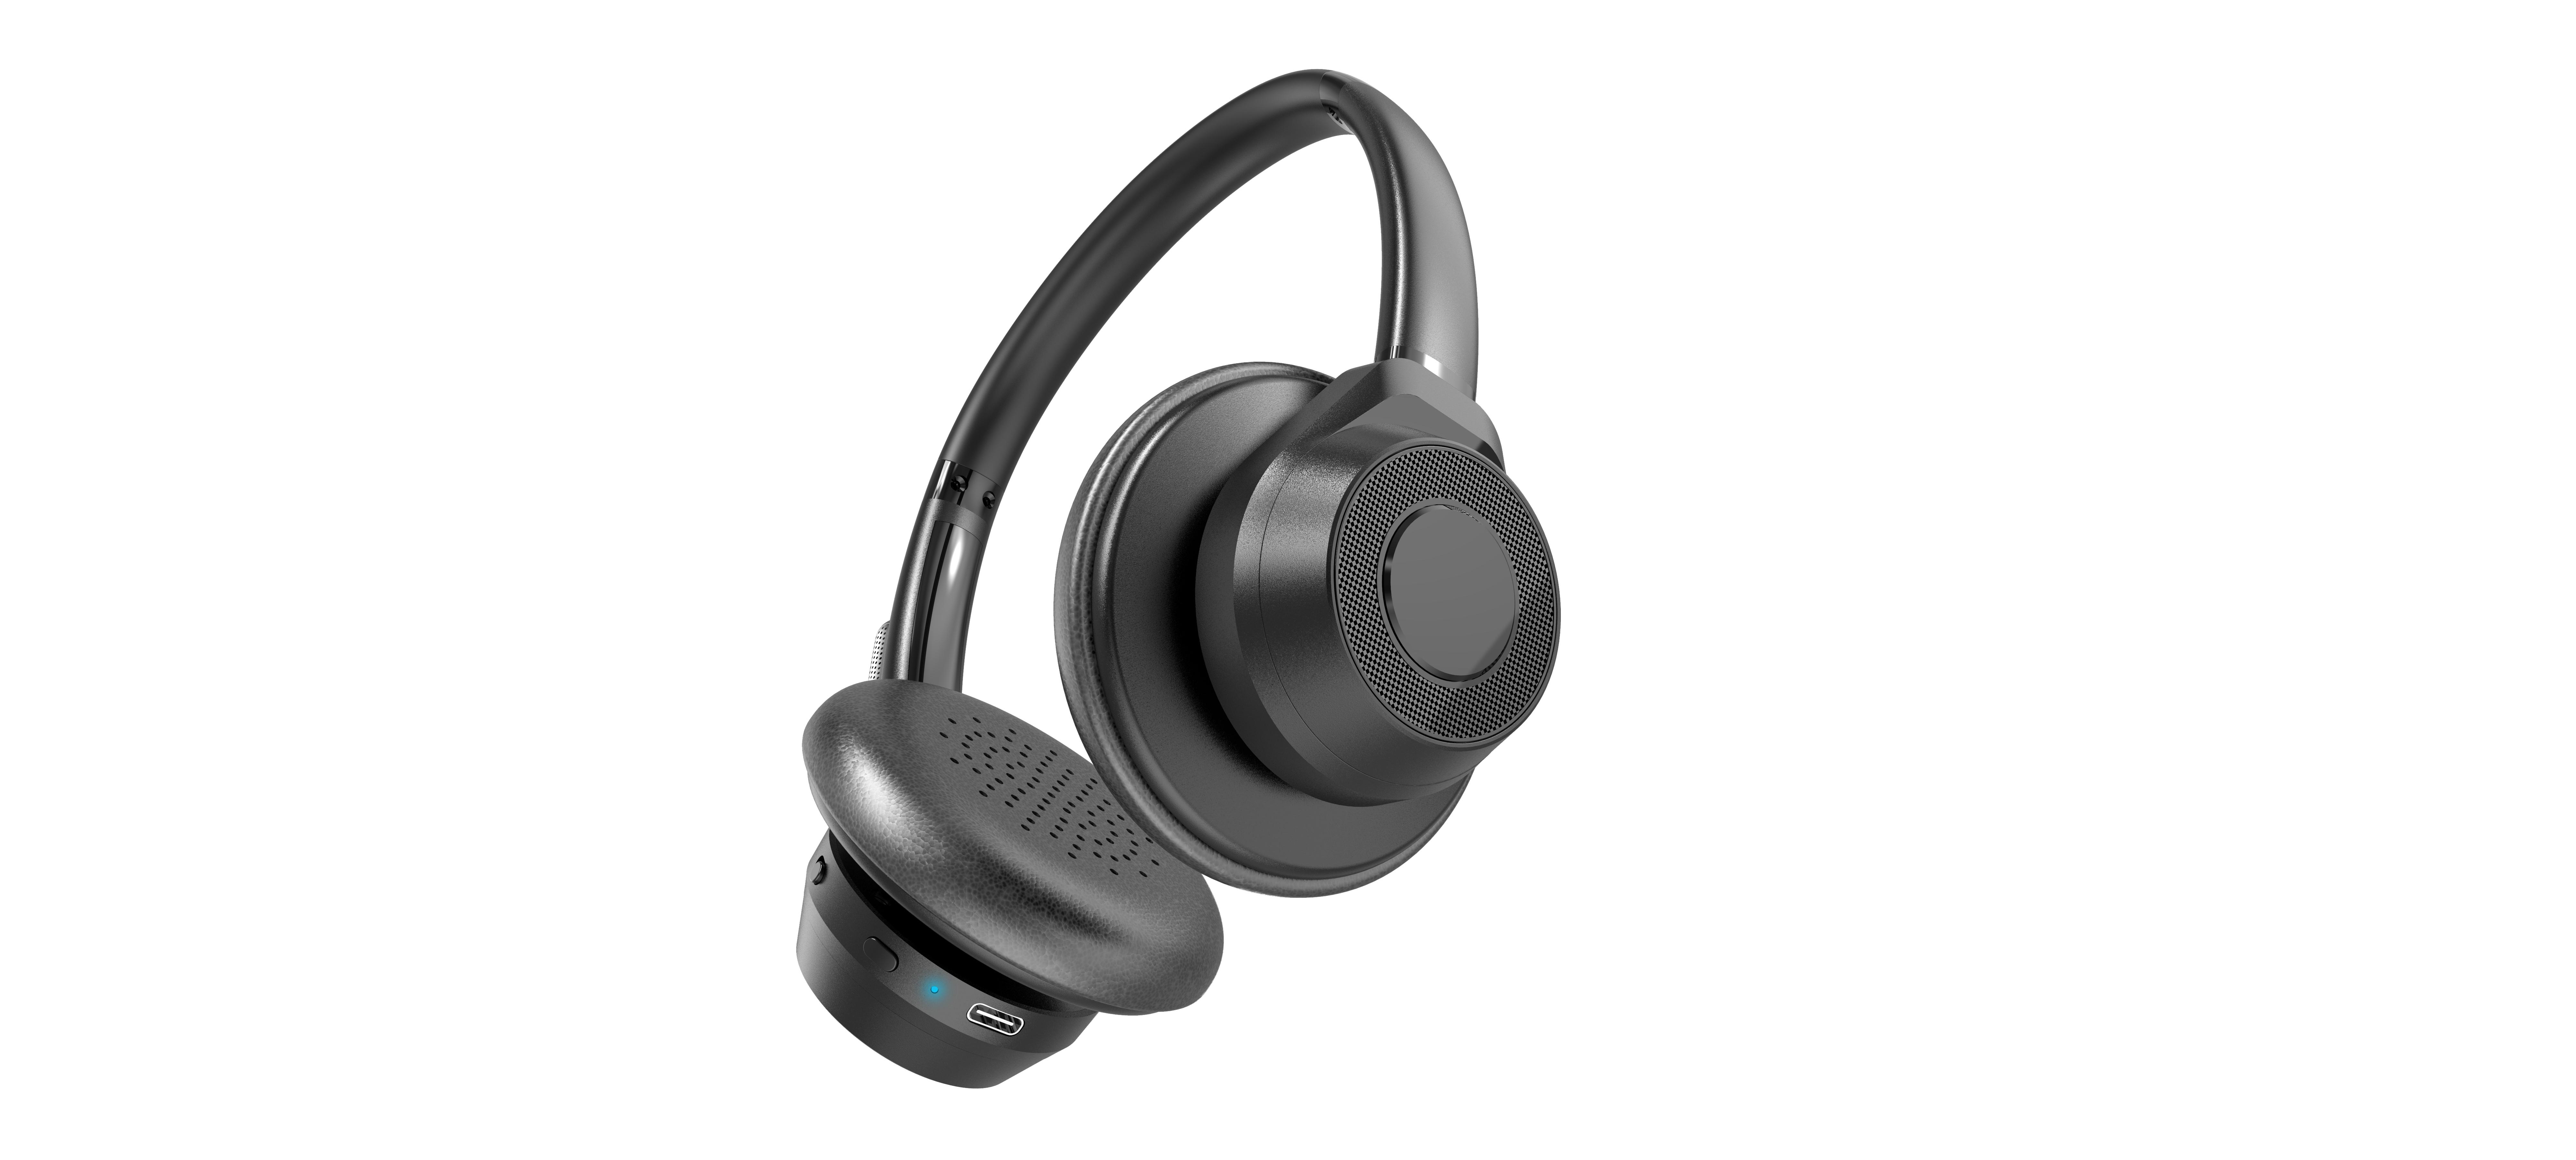 happyset Profi - Bluetooth Headset mit Bügel für Videokonferenz Telefonieren Online-Seminare Handy